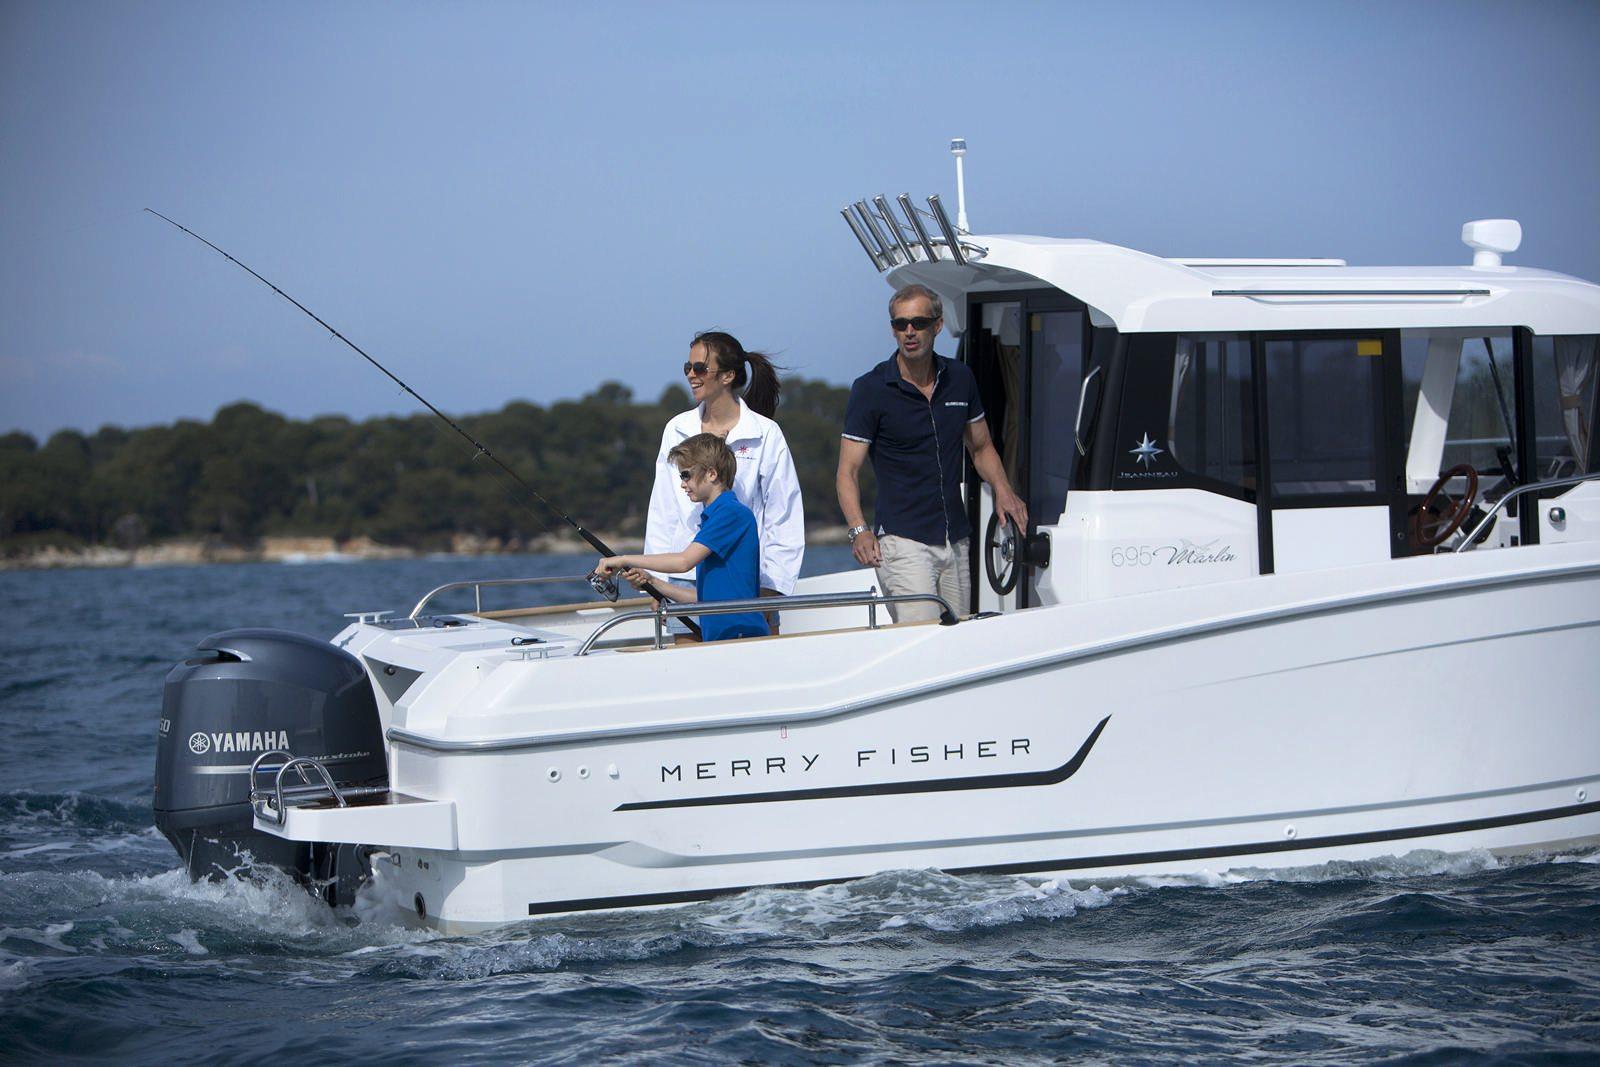 סירת מנוע JEANNEAU MERRY FISHER 695 Marlin - סירת מנוע JEANNEAU MERRY FISHER 695 Marlin - סטרים יאכטות